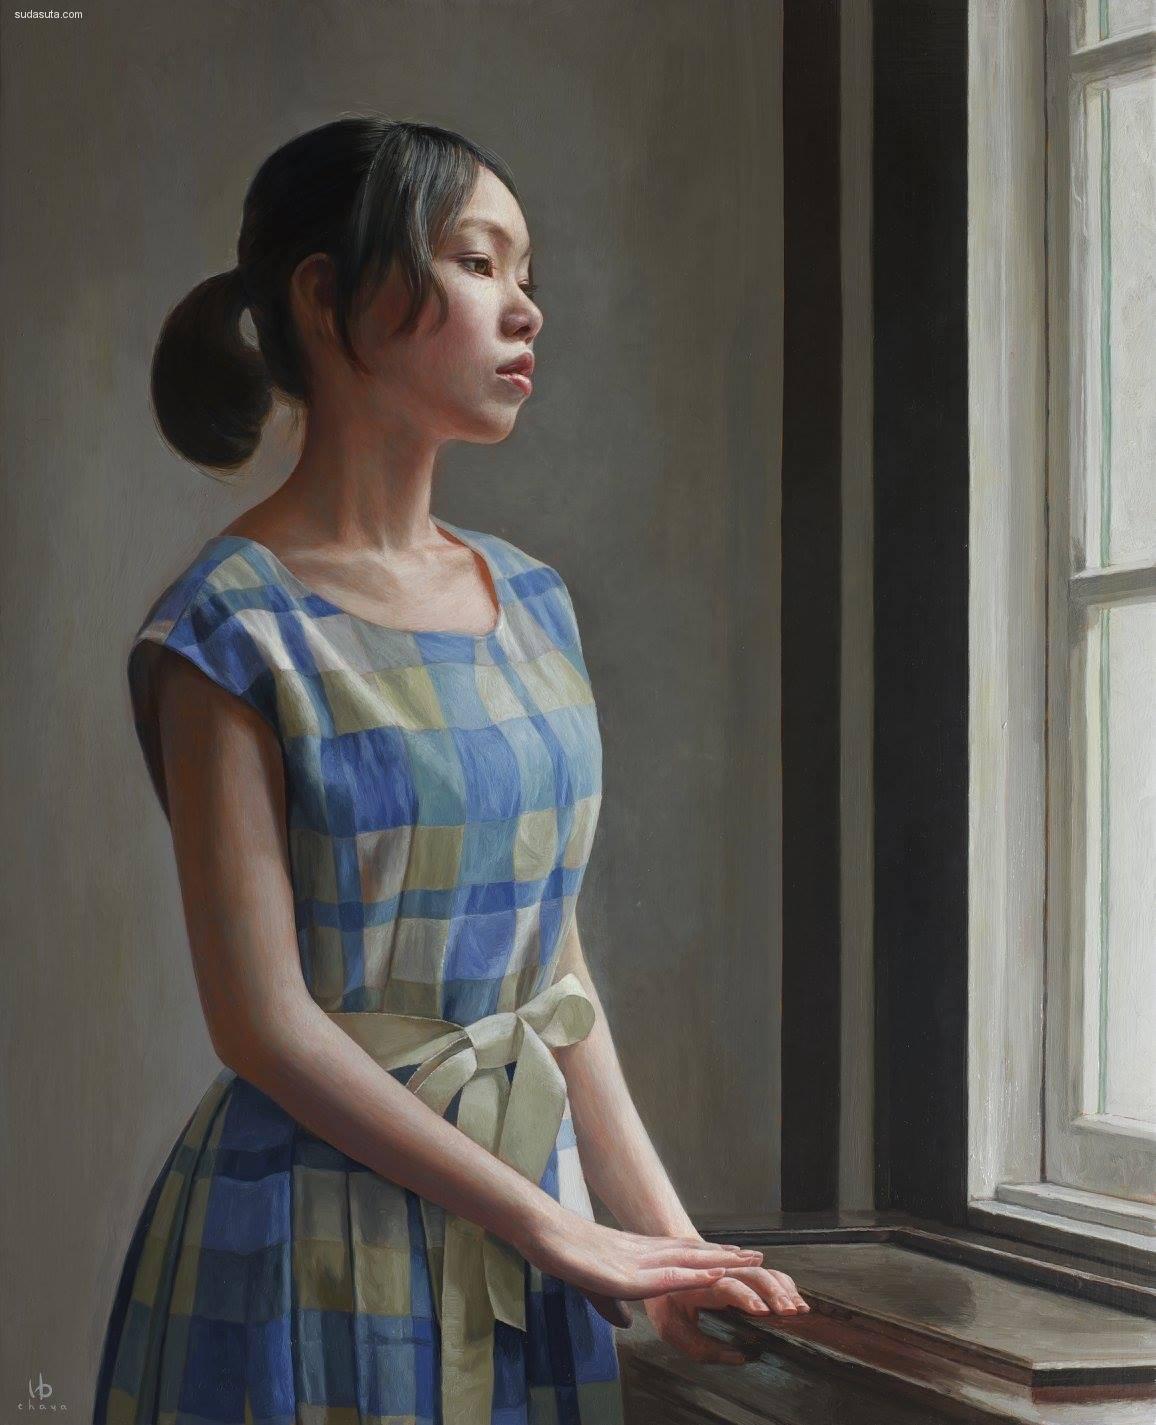 日本艺术家 茶谷雄司(Yuji Chaya) 人像插画作品欣赏